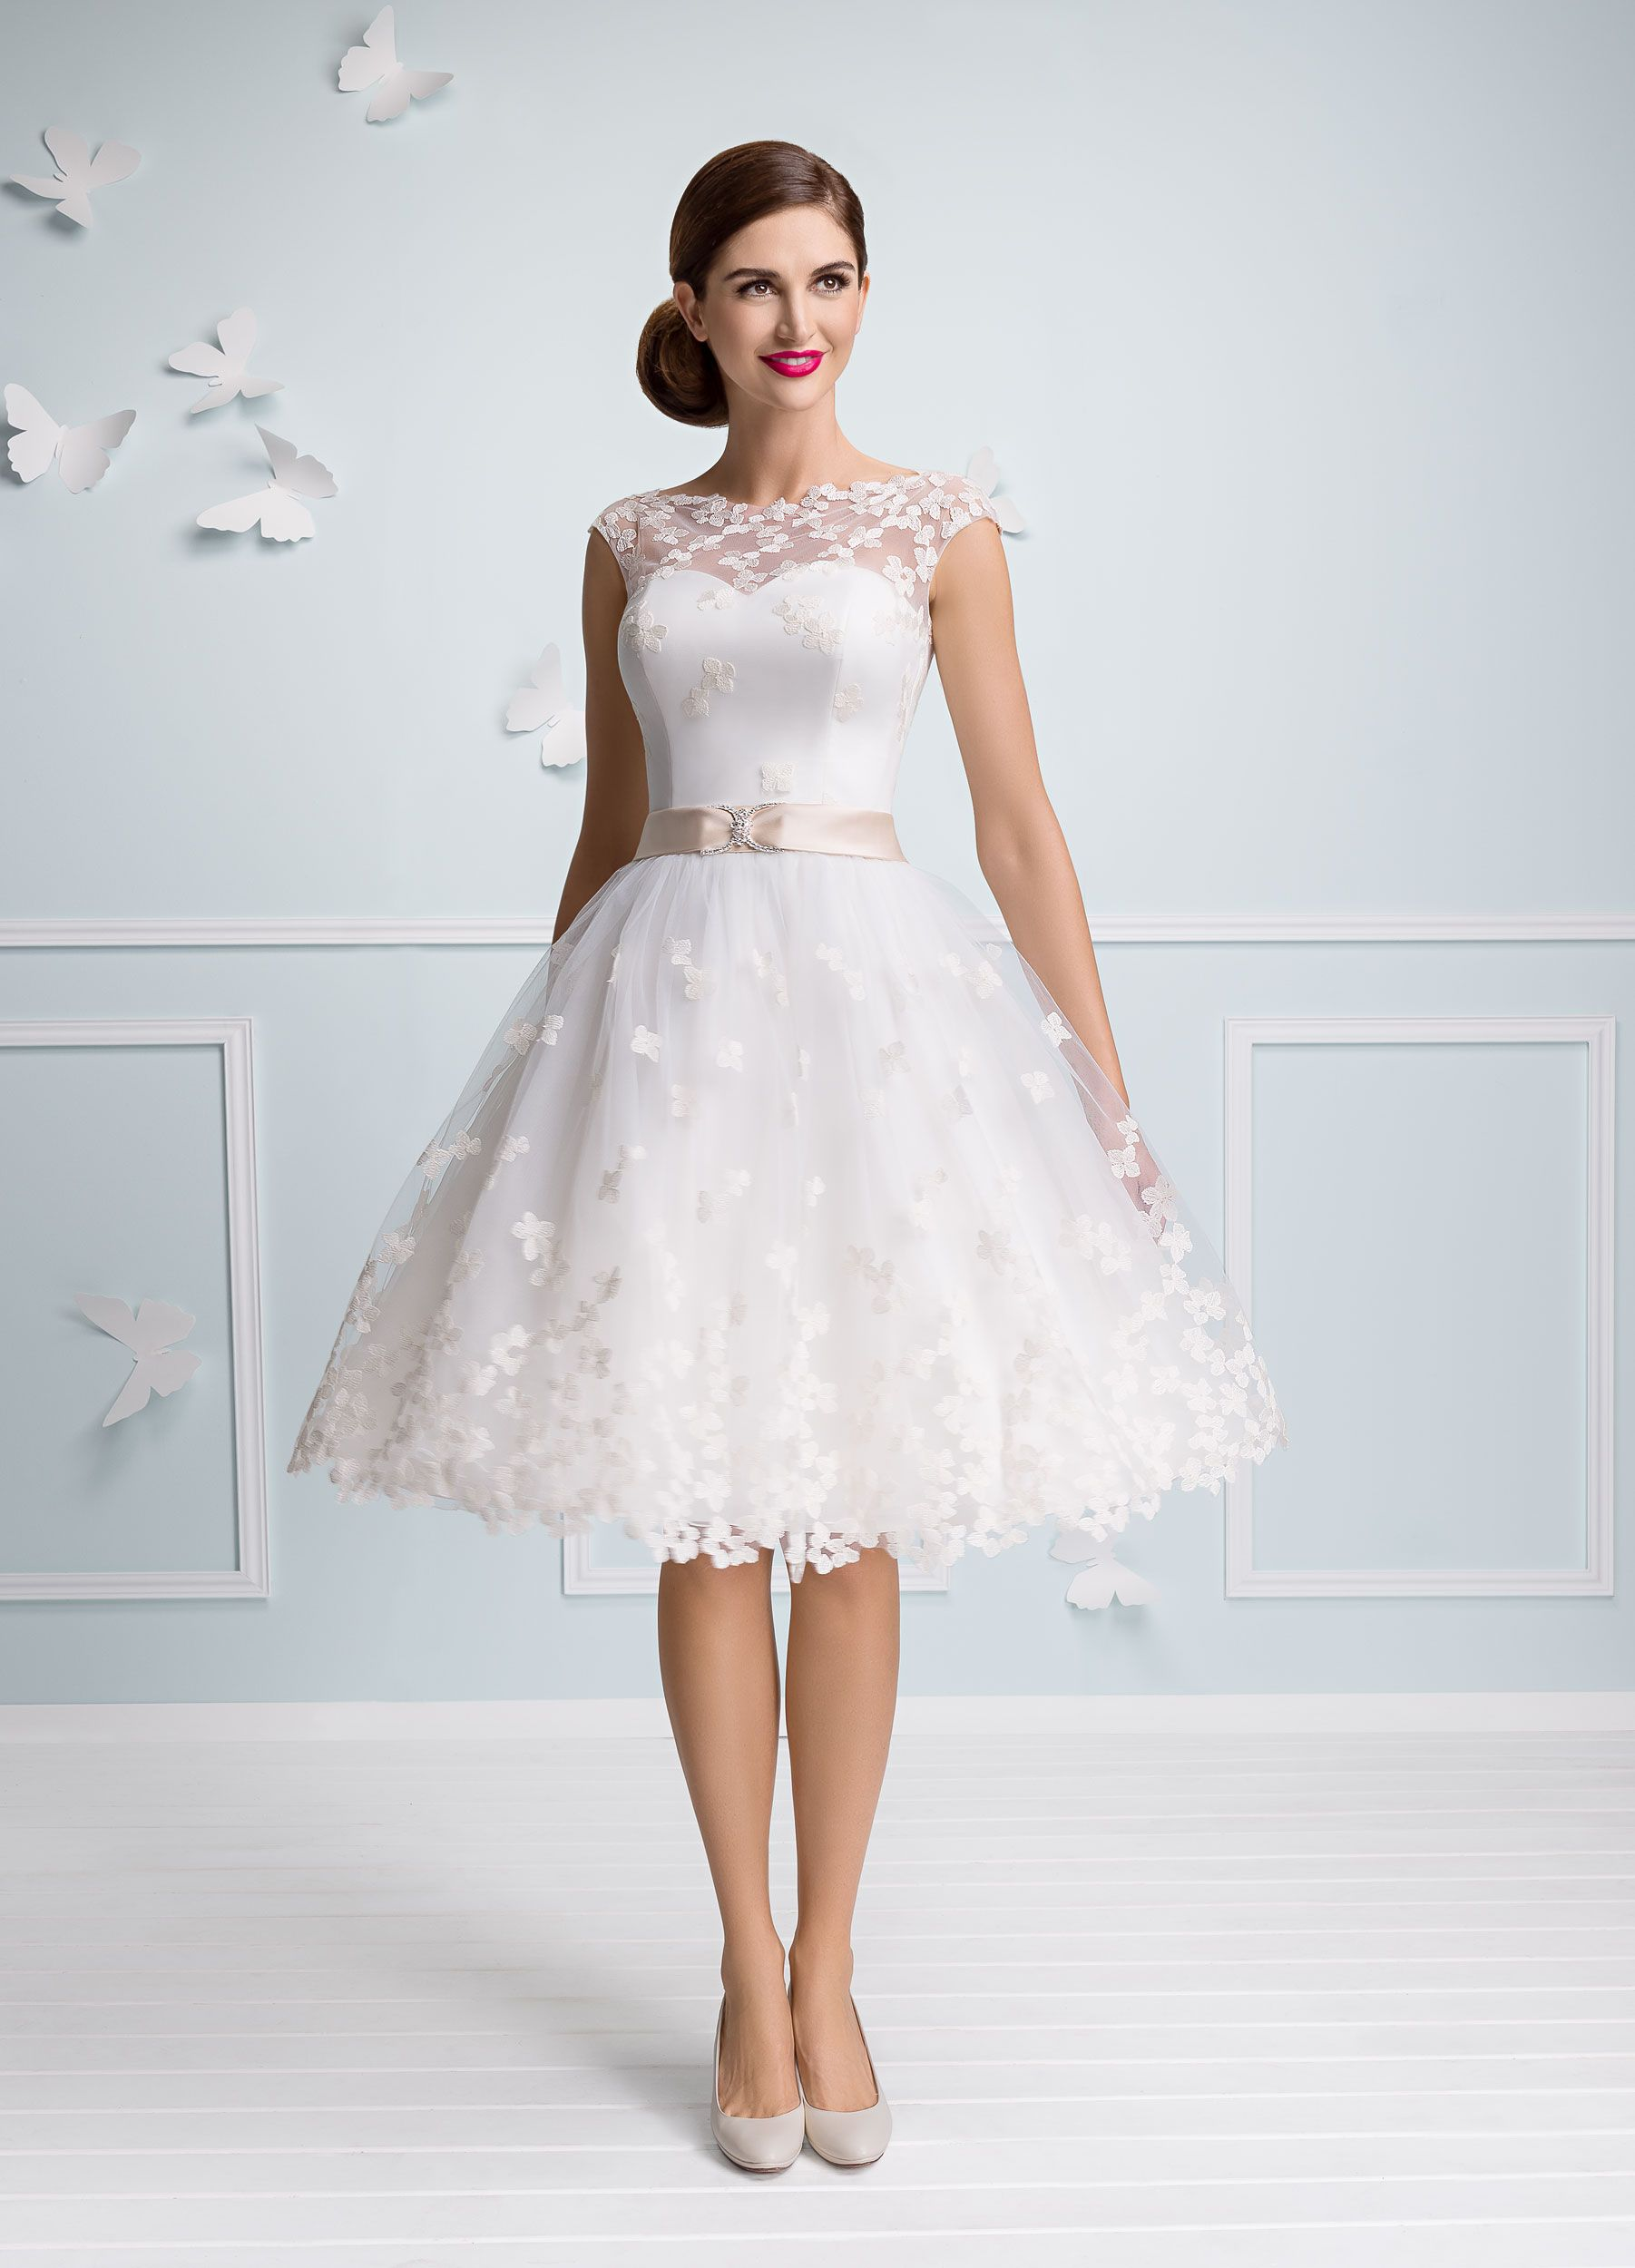 Brautkleider von Elizabeth Passion - bei uns erhältlich | Dresses ...